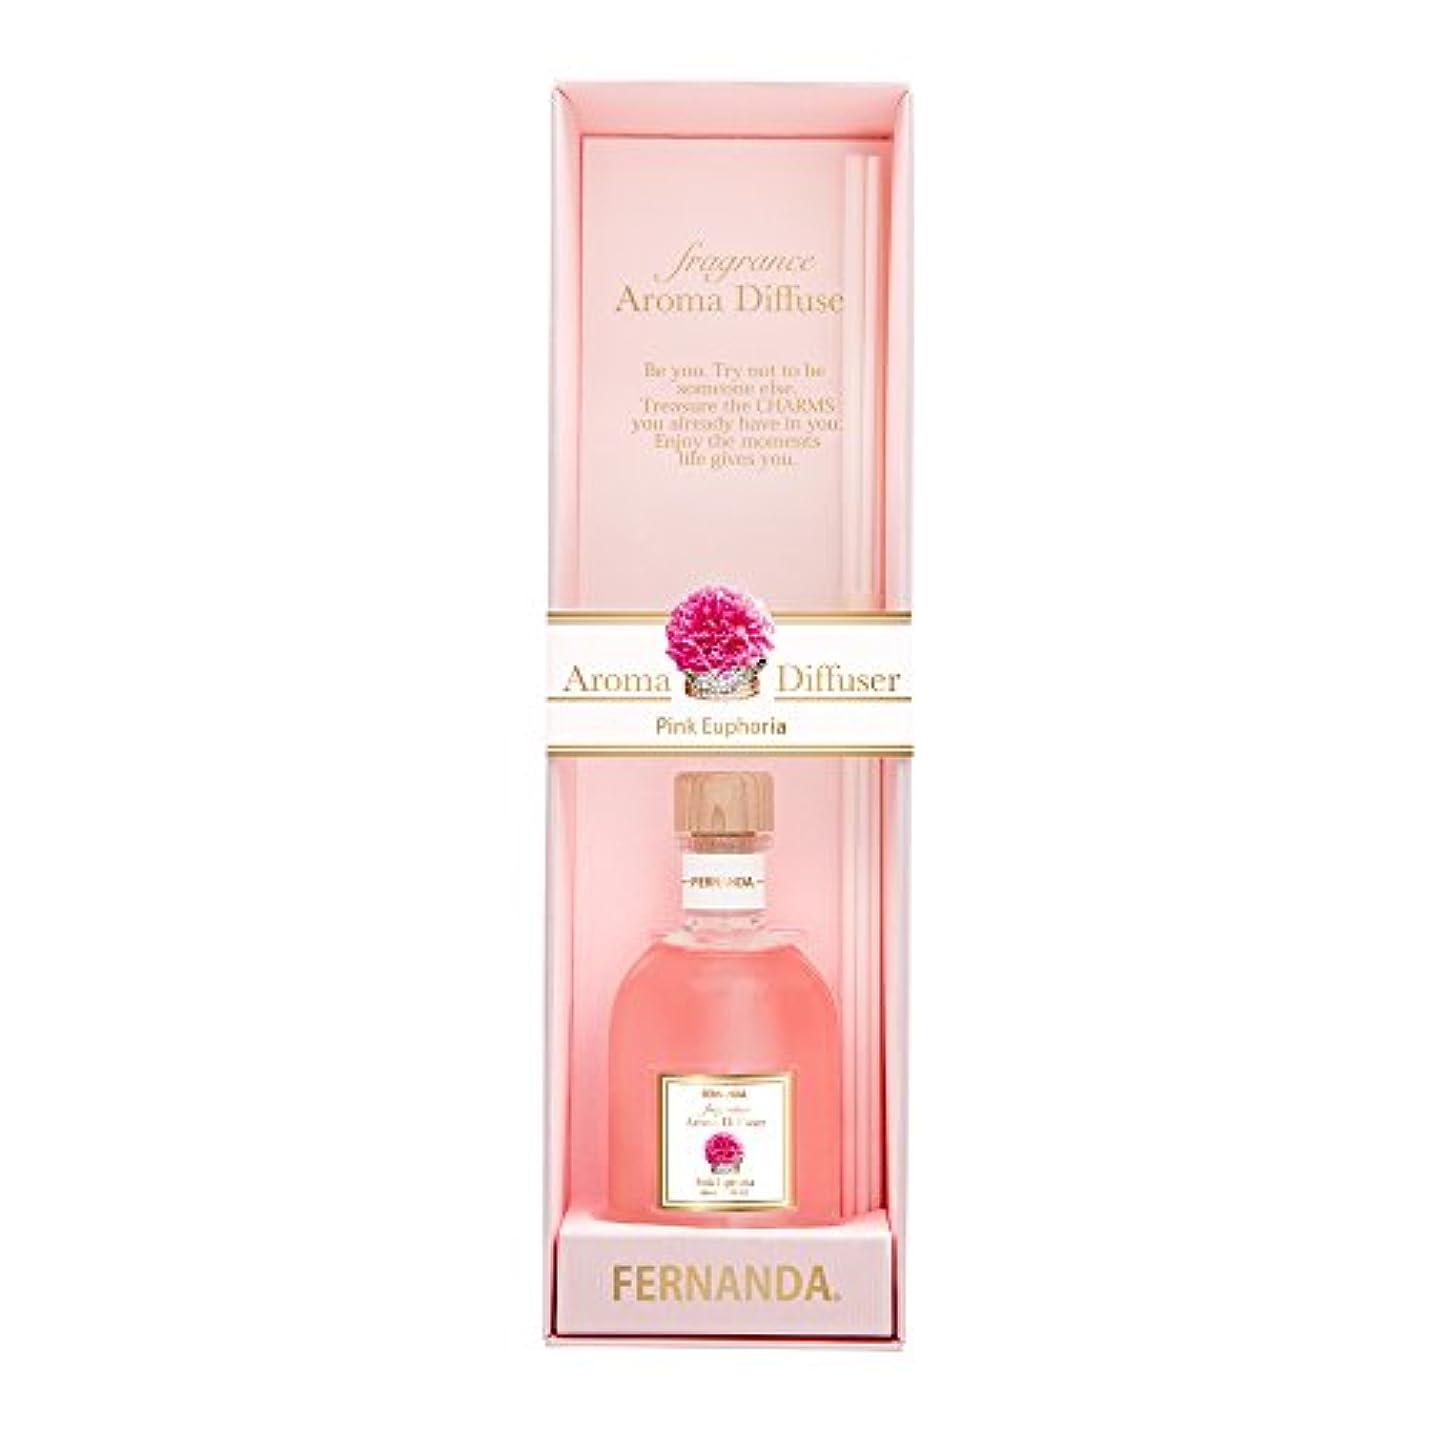 合計長くする間欠FERNANDA(フェルナンダ) Fragrance Aroma Diffuser Pink Euphoria (アロマディフューザー ピンクエウフォリア)